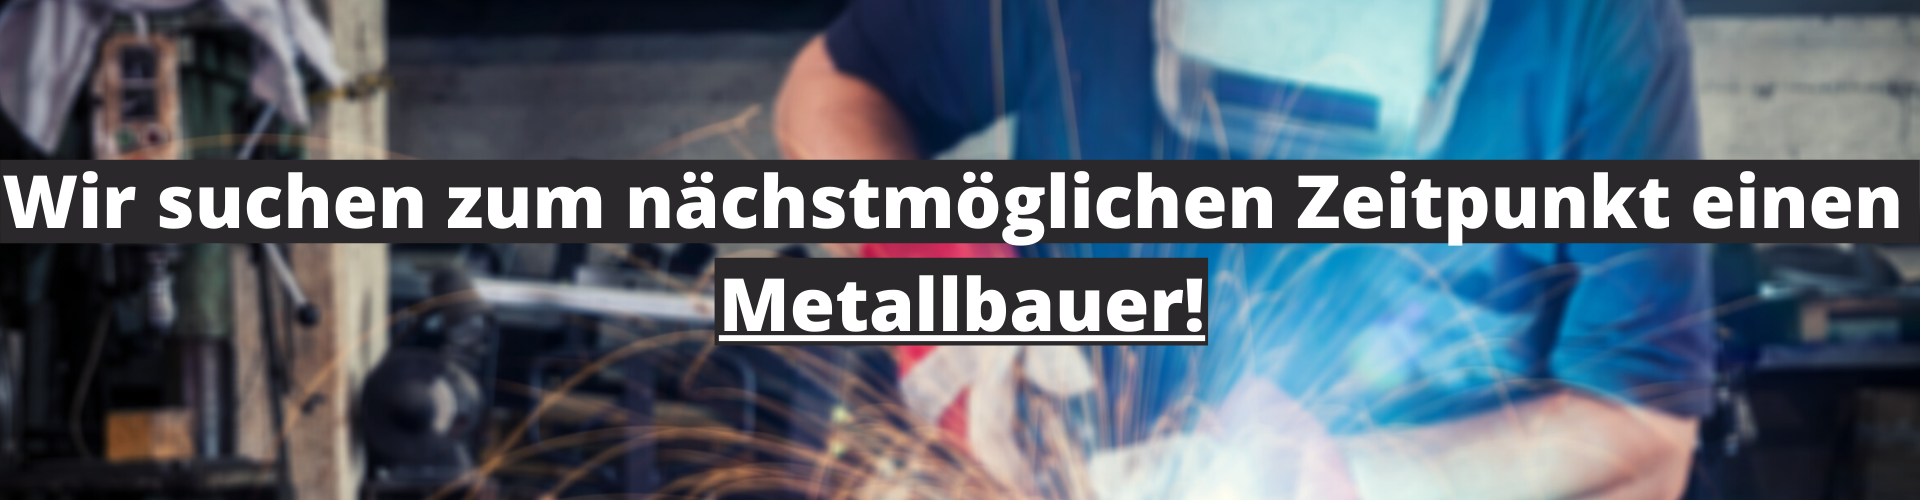 Wir suchen zum nächstmöglichen Zeitpunkt einen Metallbauer! dale(1)